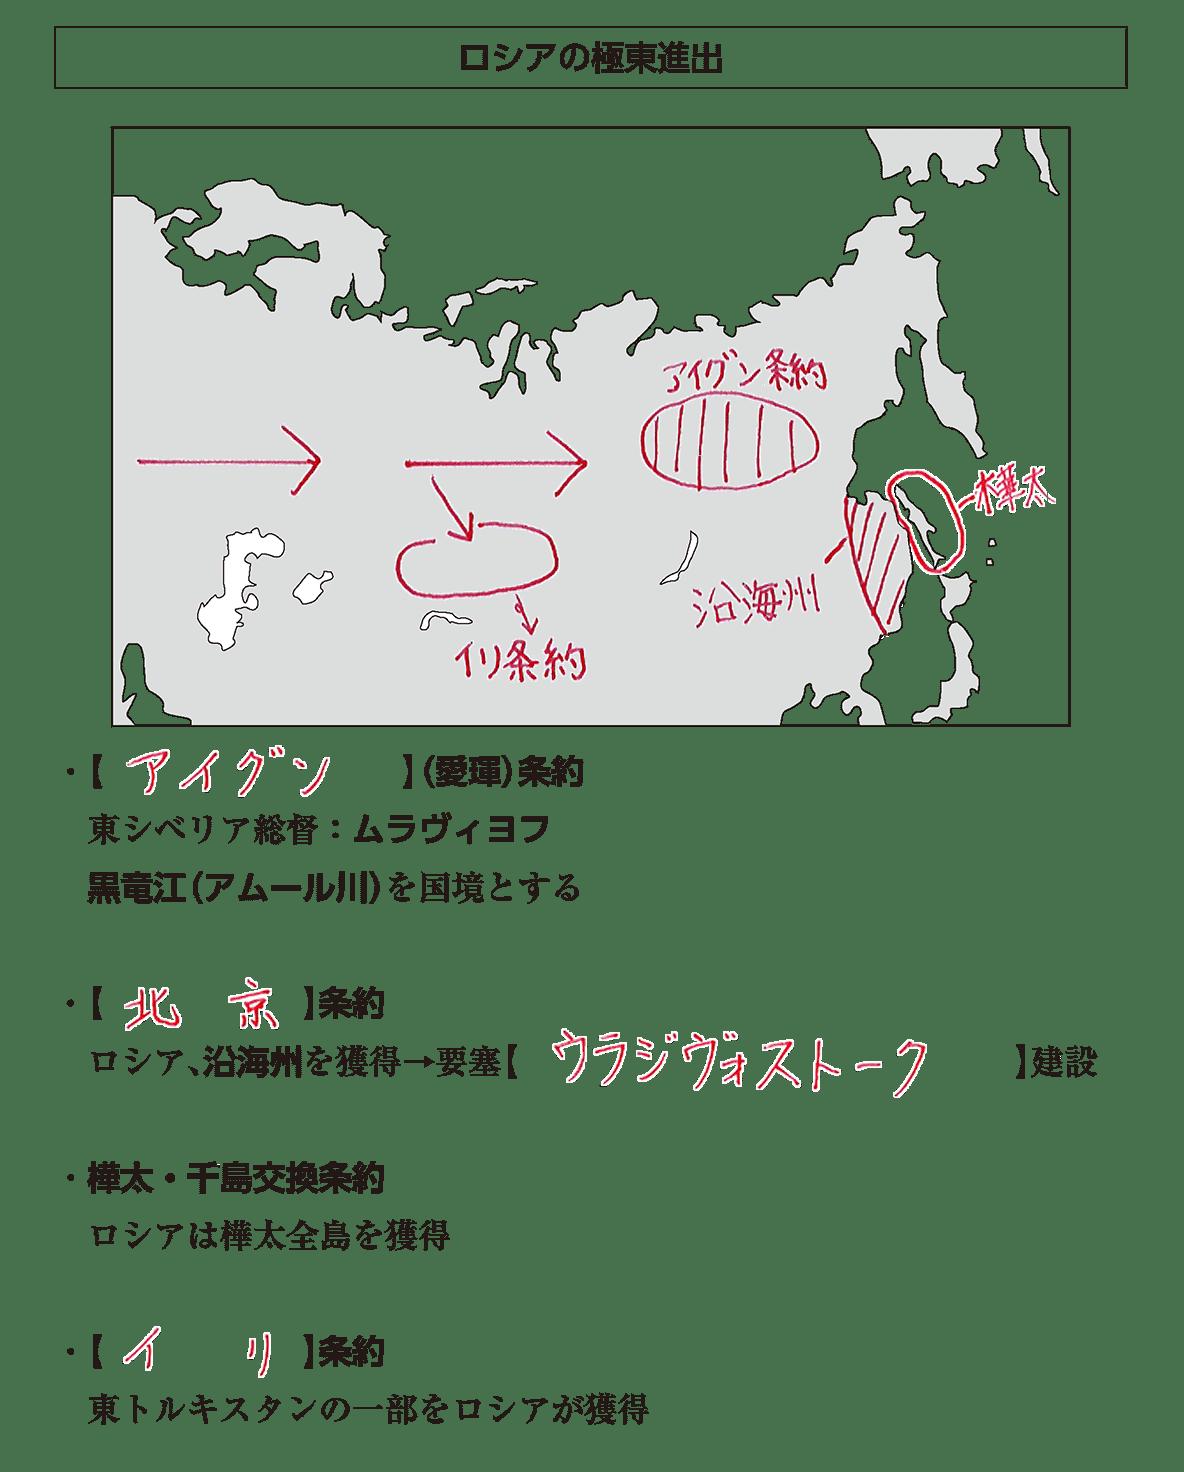 高校世界史 中国と朝鮮の植民地化3 ポイント1 答え全部